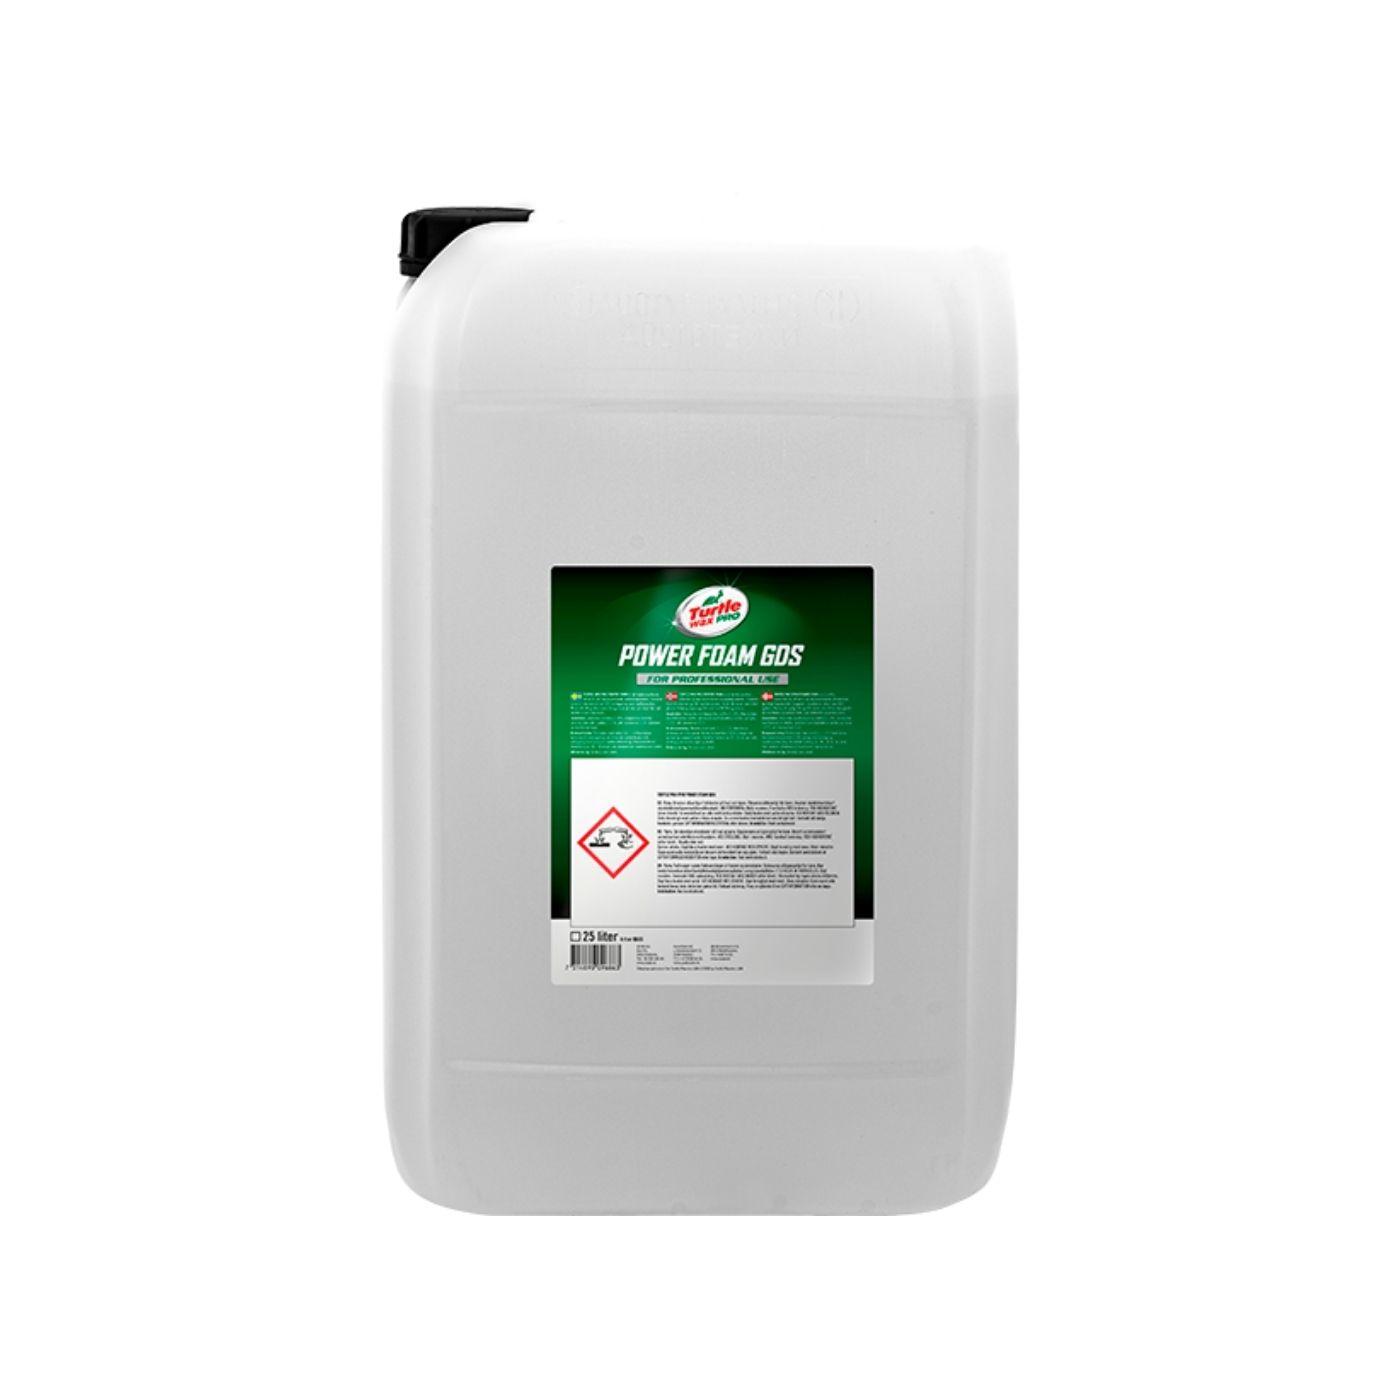 Förtvättsmedel Turtle Wax Pro Power Foam GDS, 25000 ml